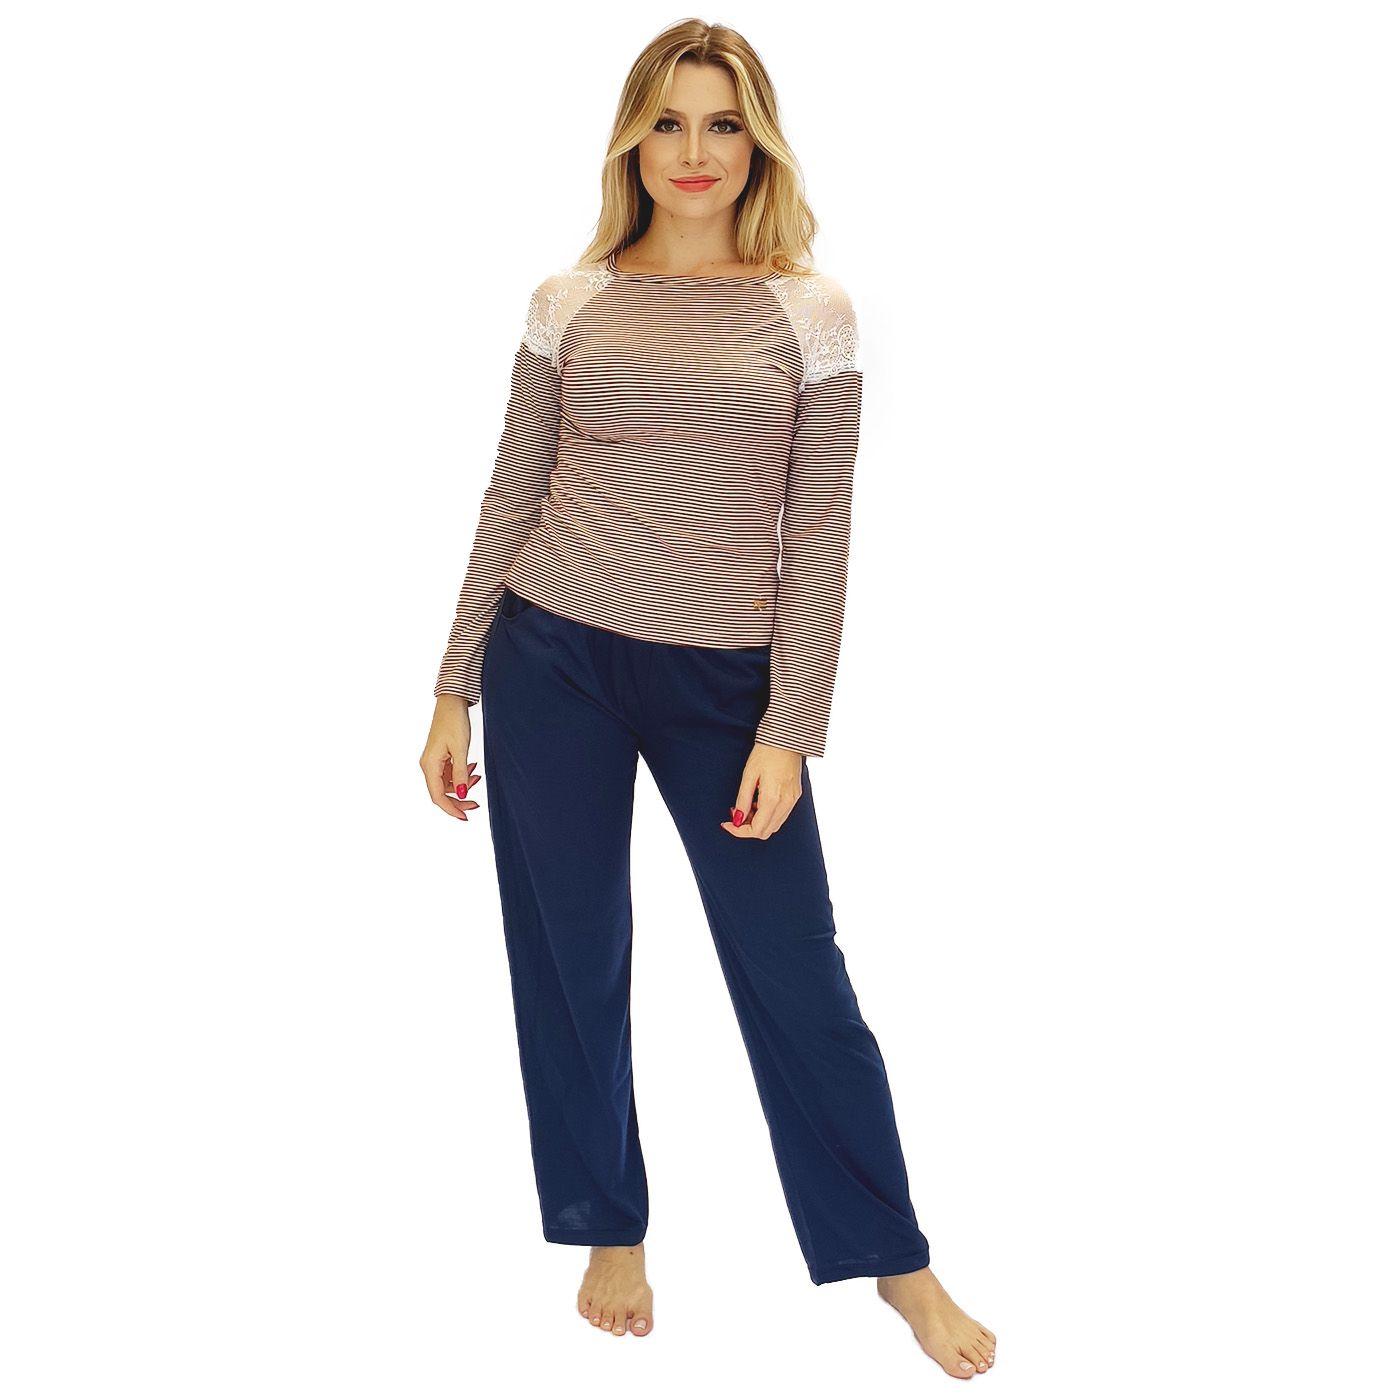 Pijama feminino frio blusa detalhe renda calça bolso